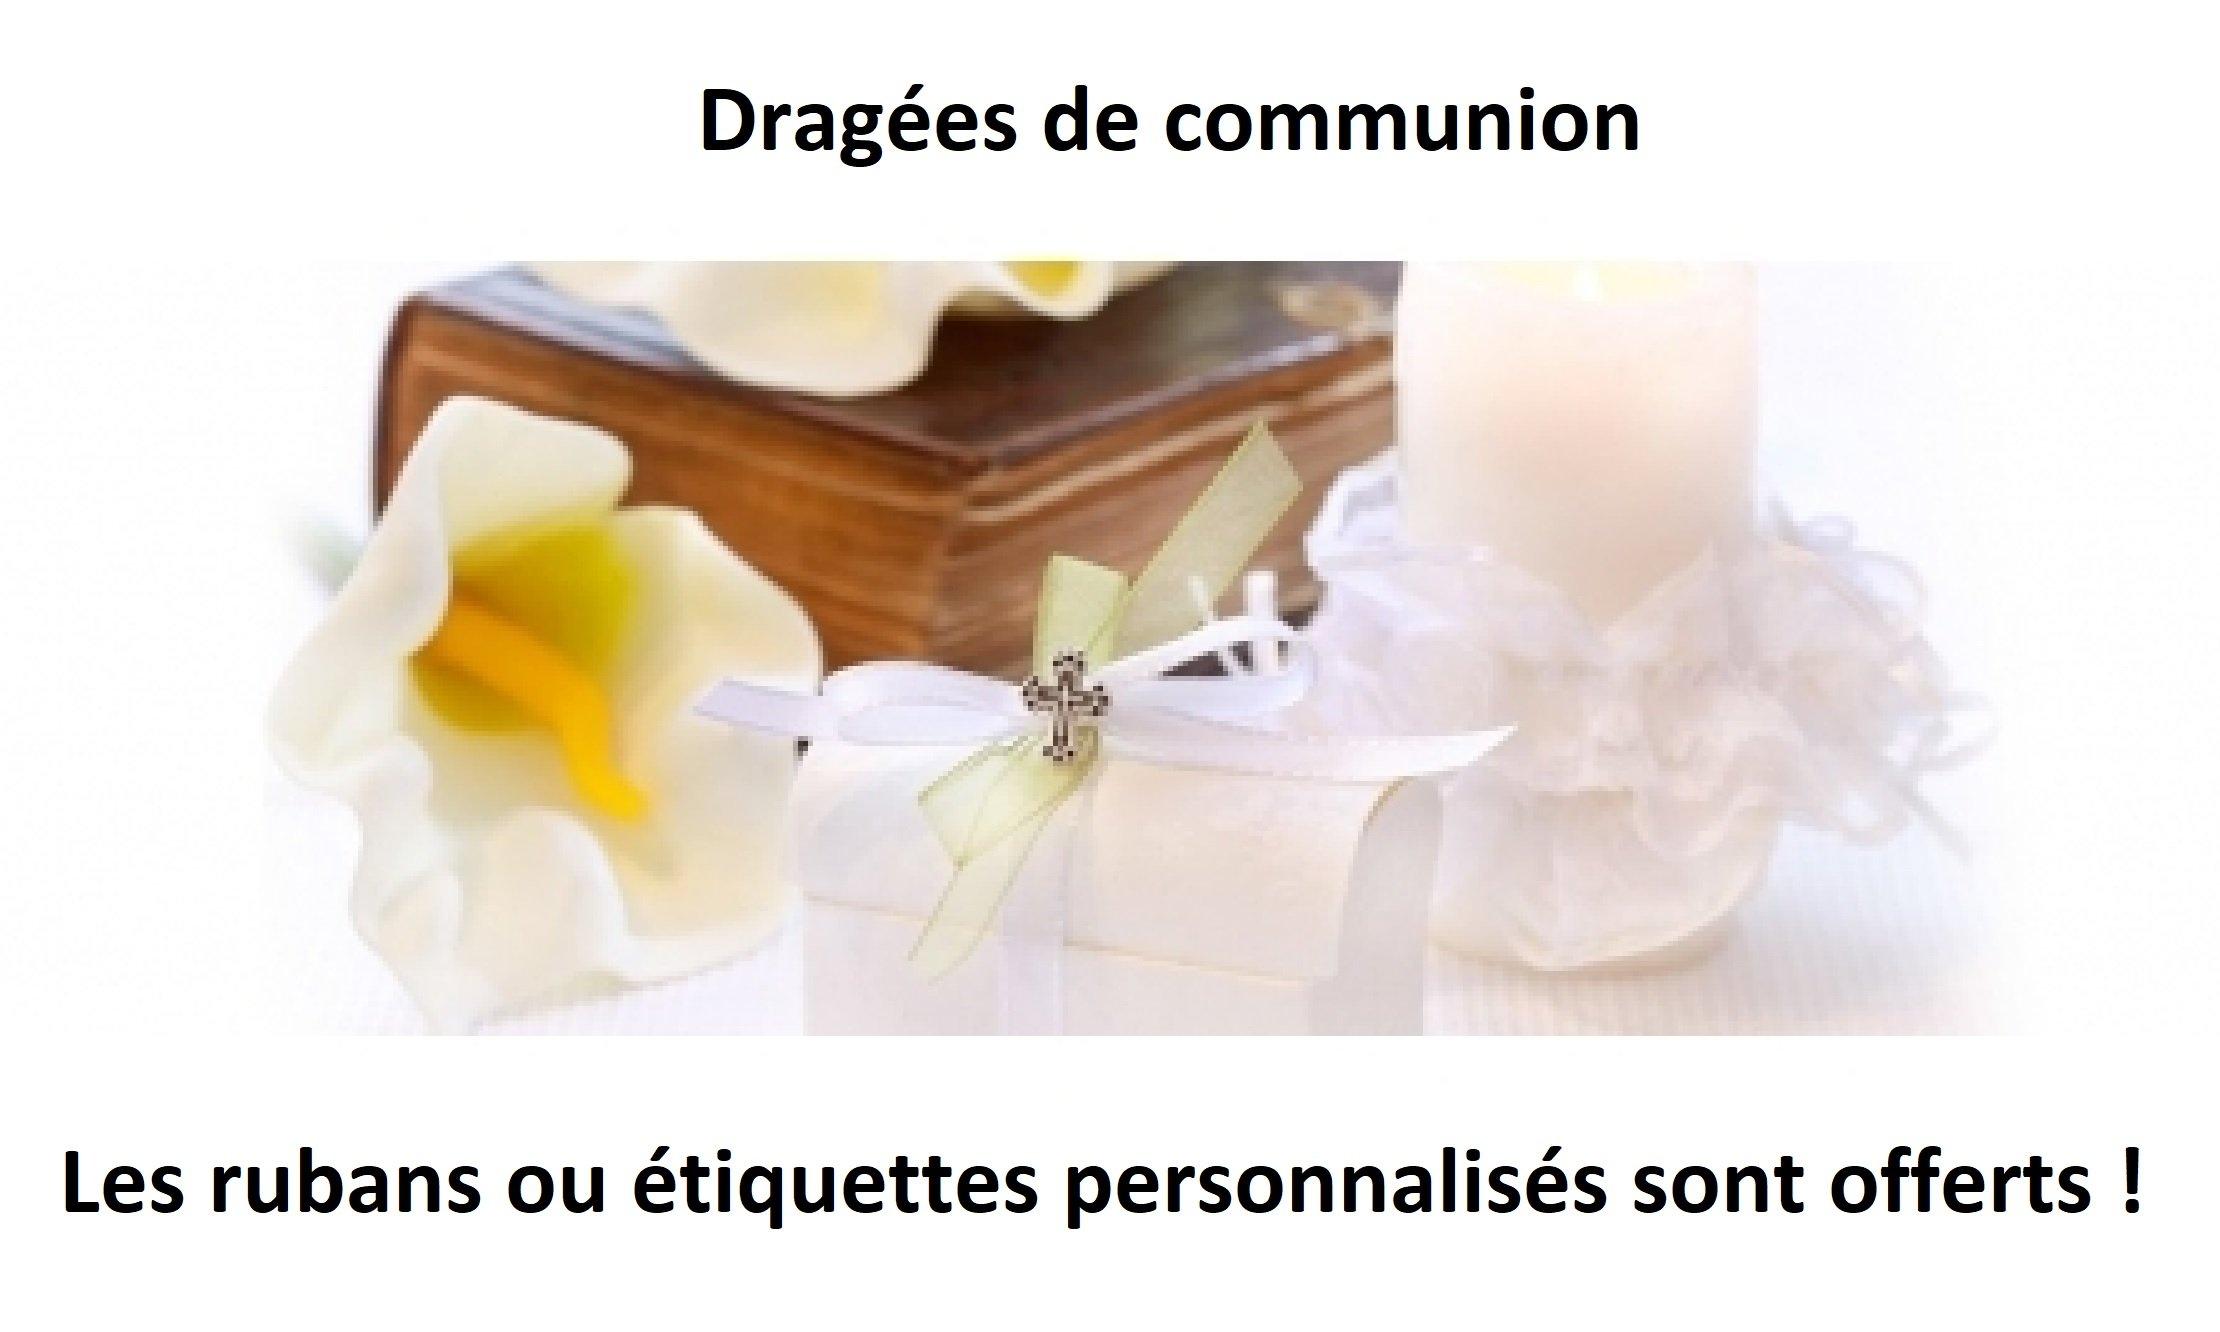 Achat dragees communion à Lille